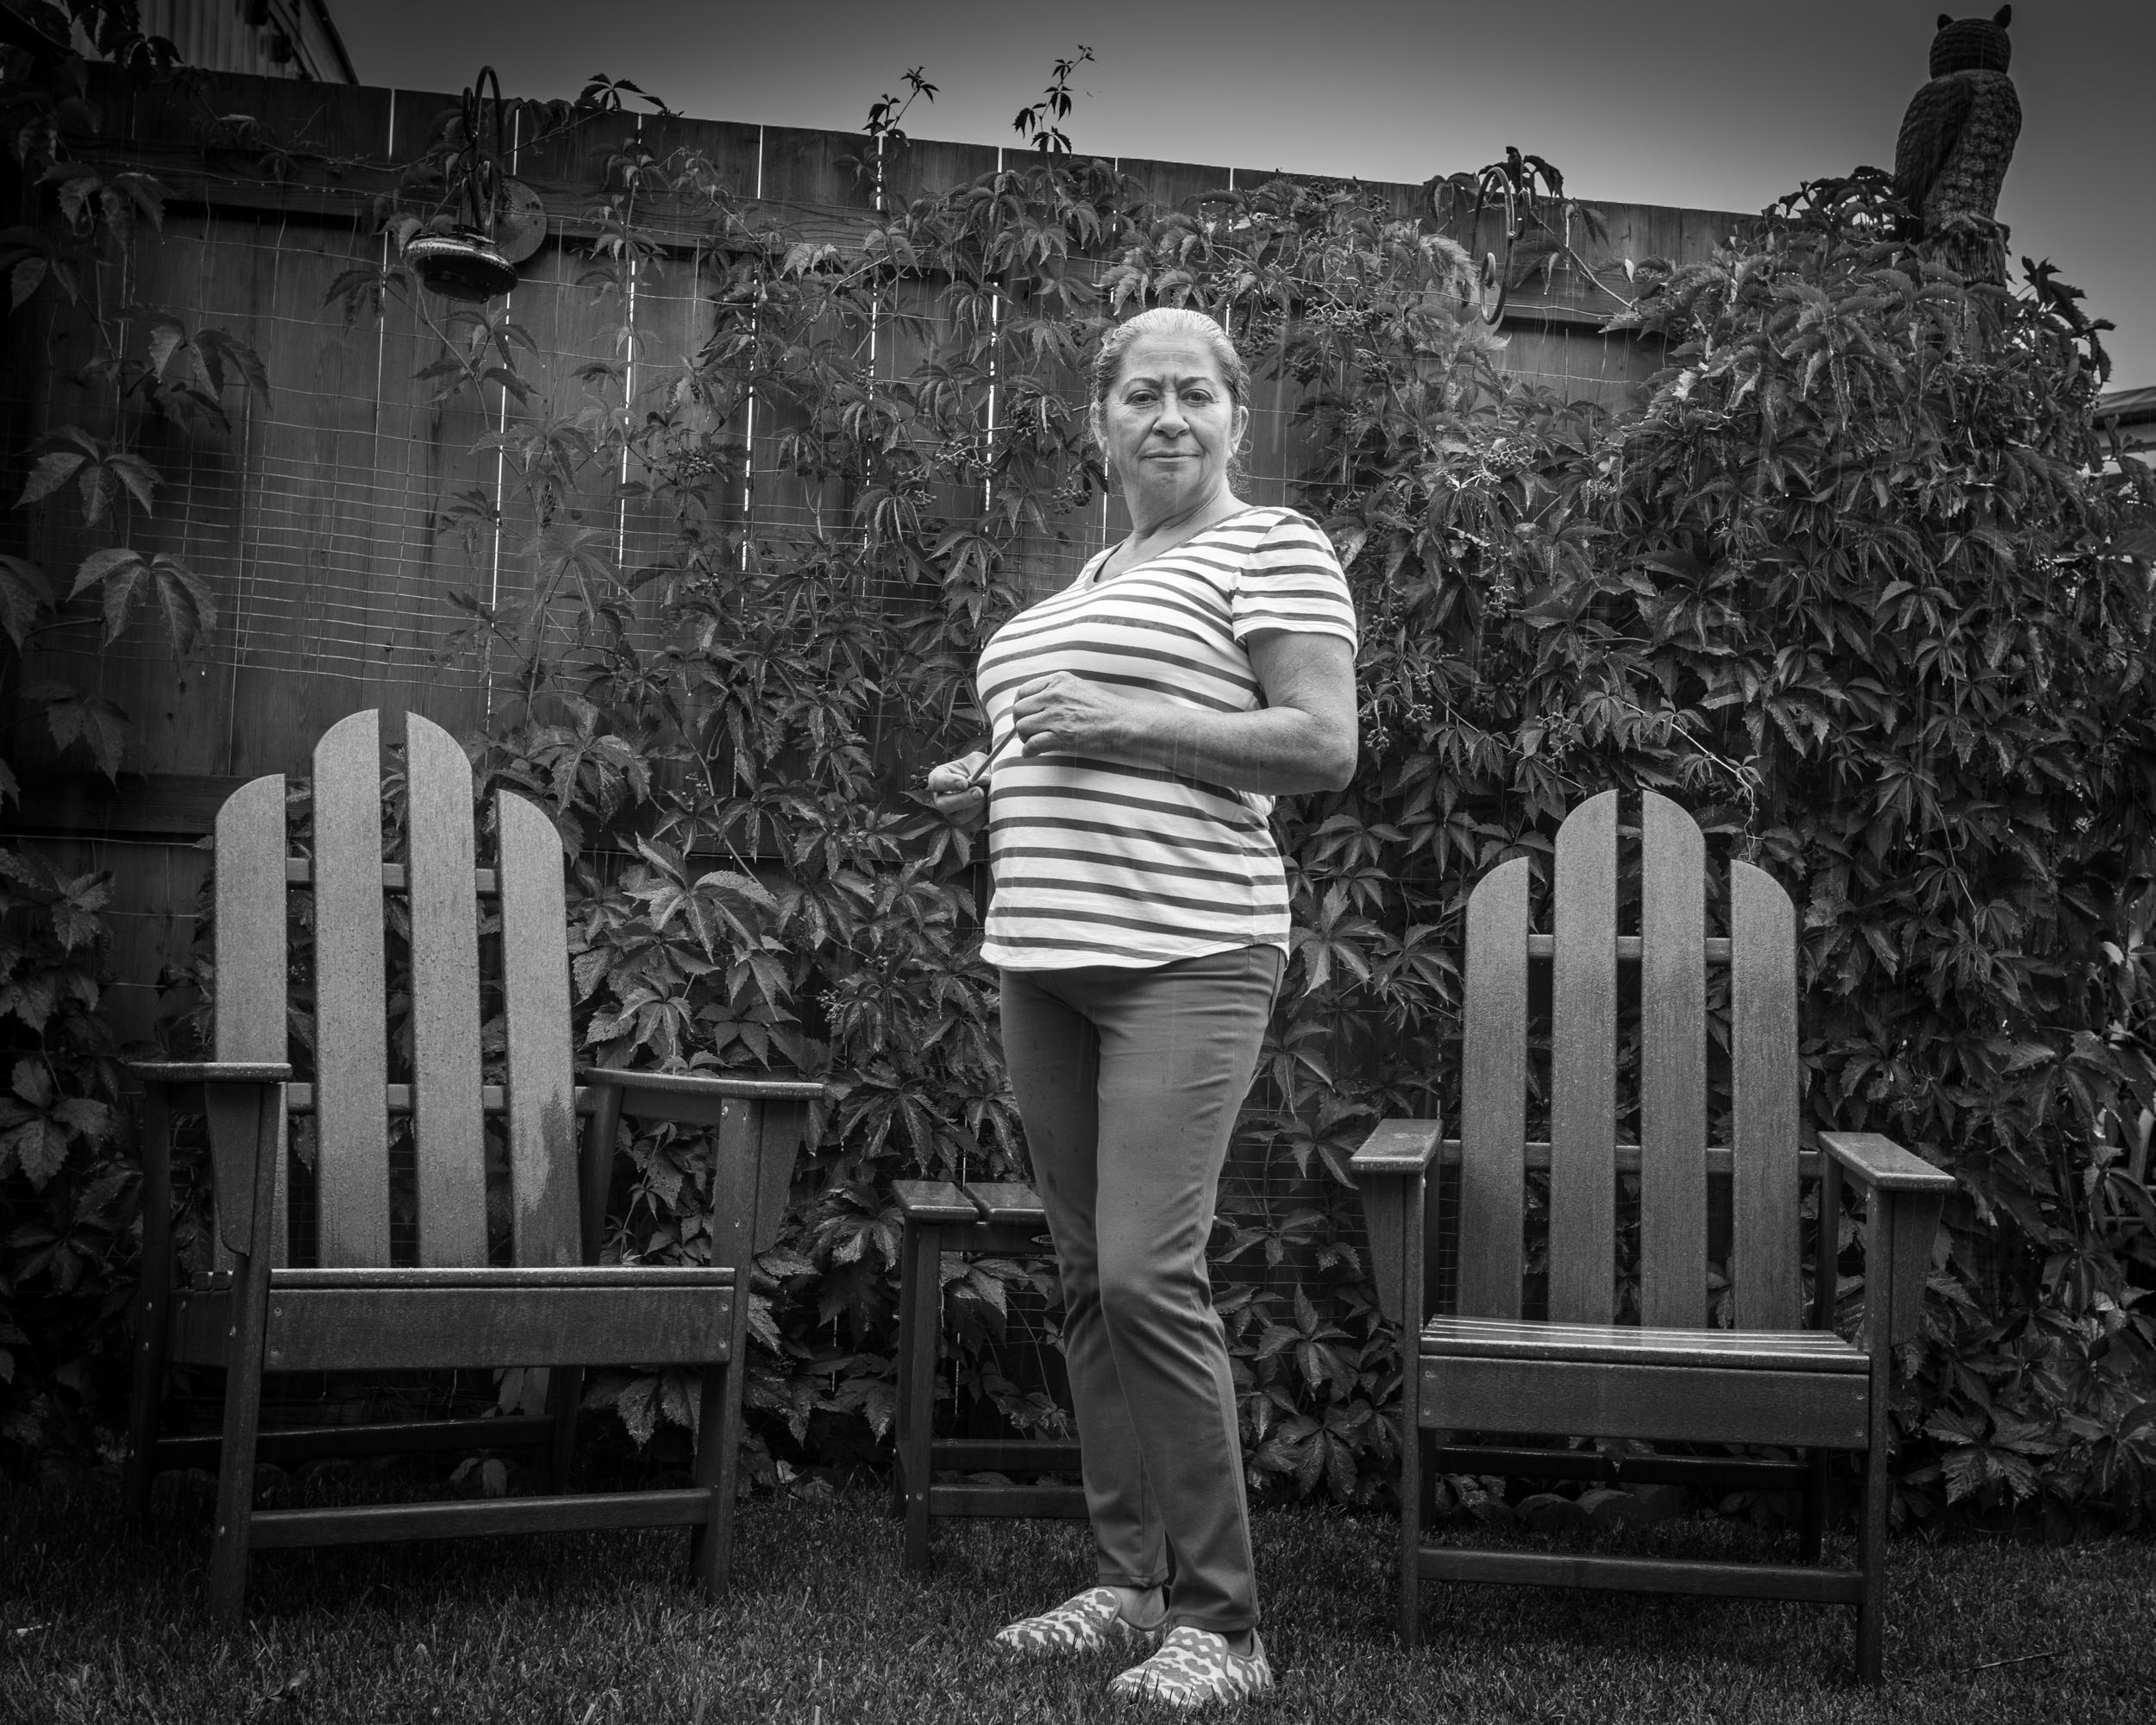 Stella backyard 8x10.jpg